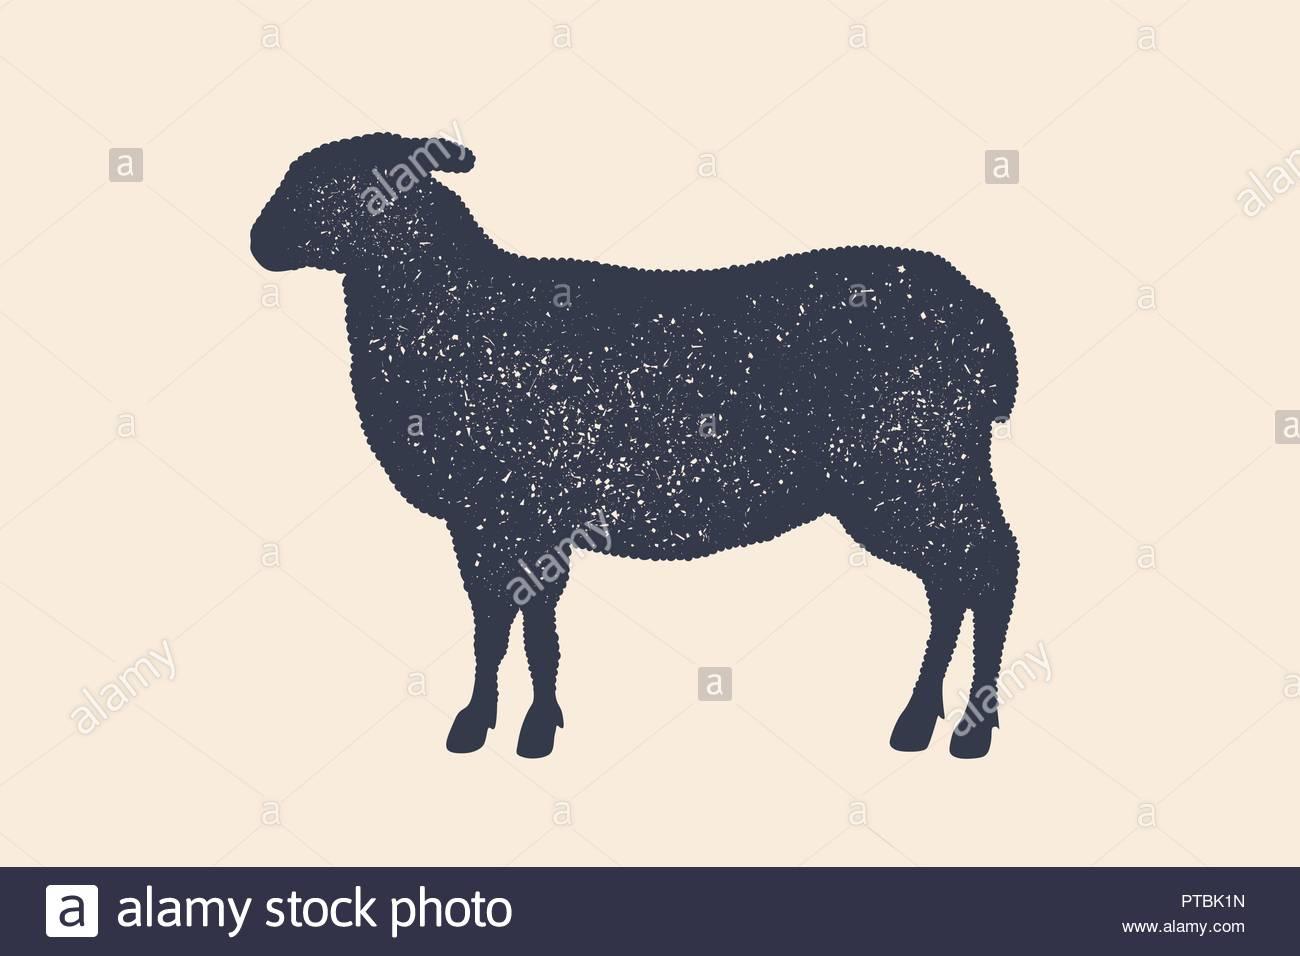 Agneau, Mouton. Logo Vintage Retro, Imprimer, Poster Pour à Photo De Mouton A Imprimer